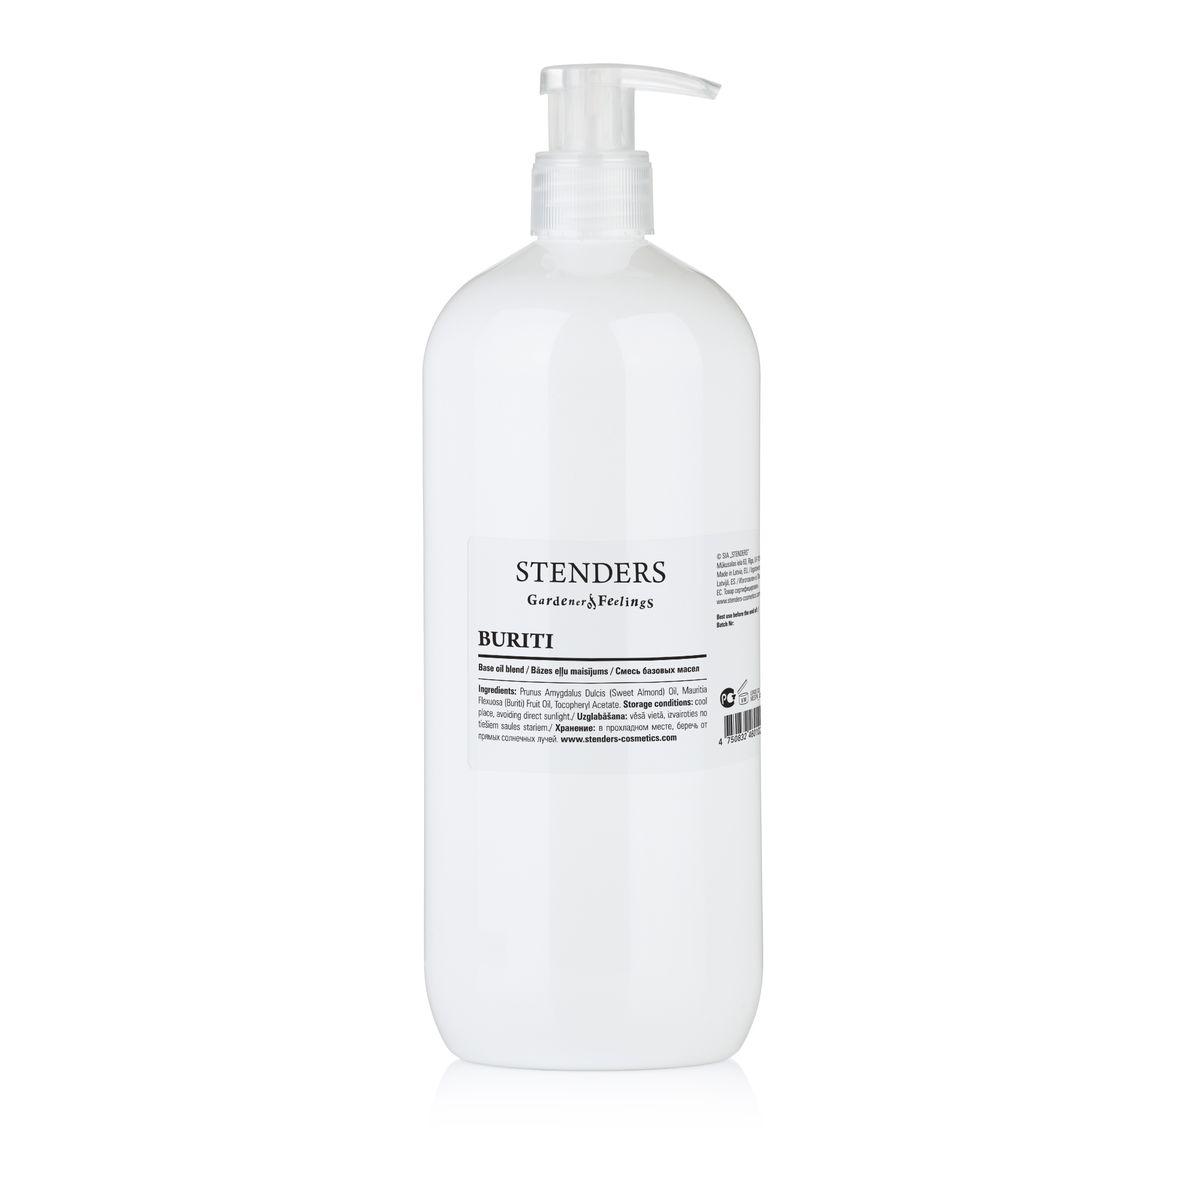 Stenders Массажное масло Бурити 1 лFS-00897Смесь масла бурити и масла сладкого миндаля. Масло бурити является источником бета-каротина, который замедляет старение кожи, поскольку образует на ней натуральный защитный слой, защищающий кожу от пересушивания, вредного воздействия УФ-улей и свободных радикалов. Масло обладает сочным оранжевым цветом и придает коже тон здорового загара.